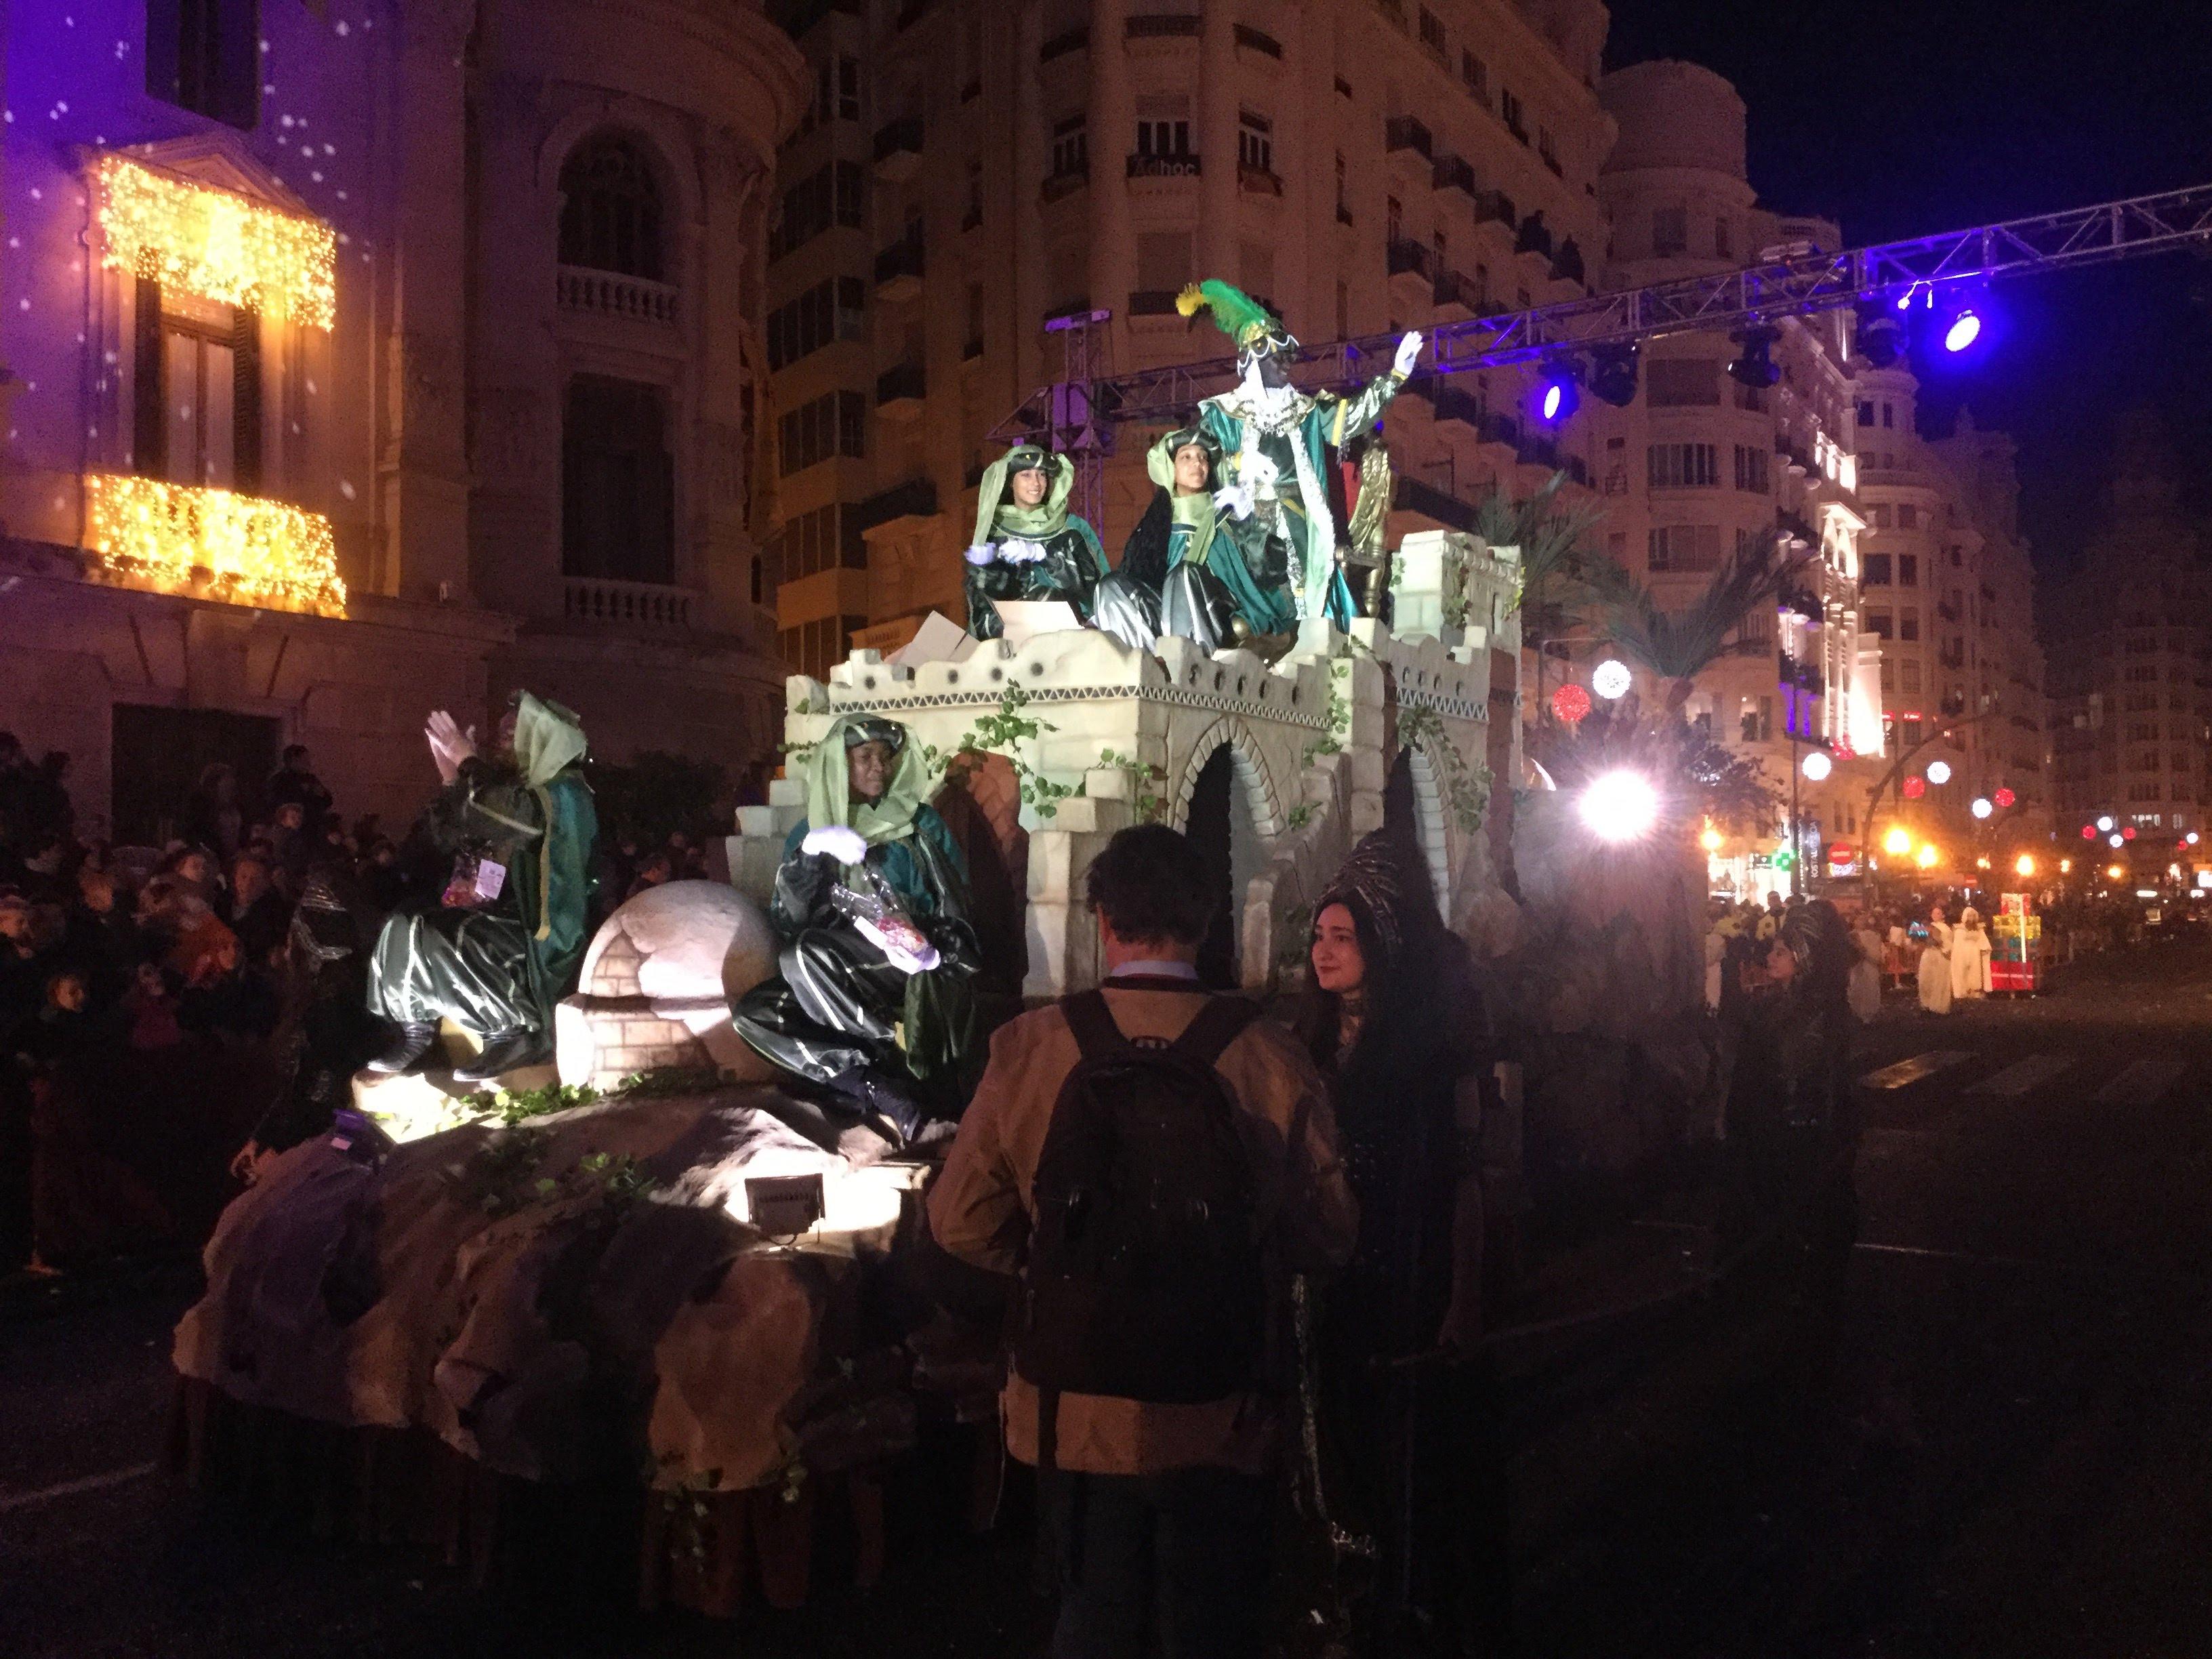 Detalles y horarios de la Cabalgata de Reyes de Valencia 2020